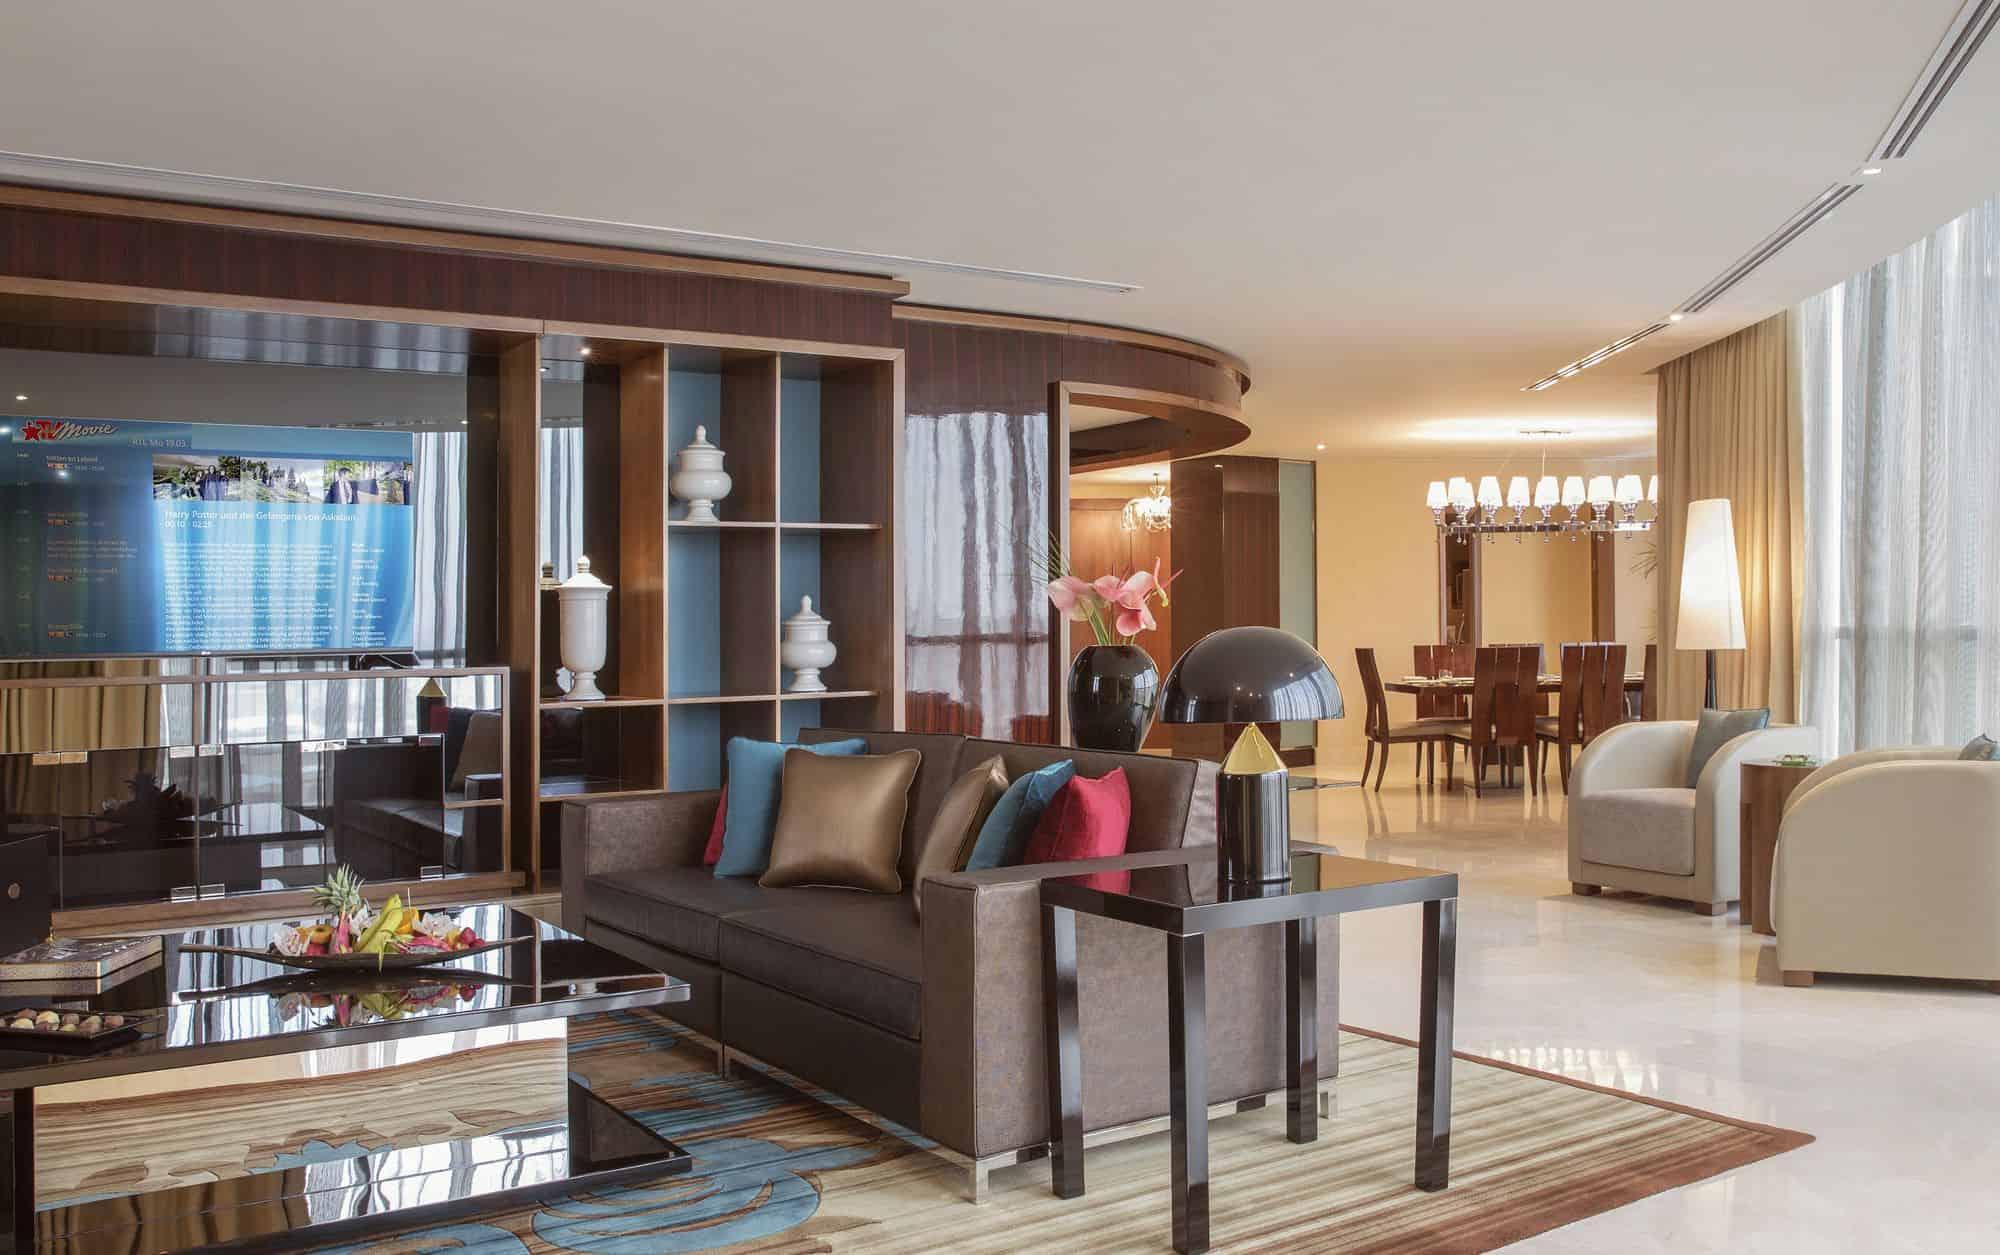 عروض فنادق السعودية فى نهاية العام 2017